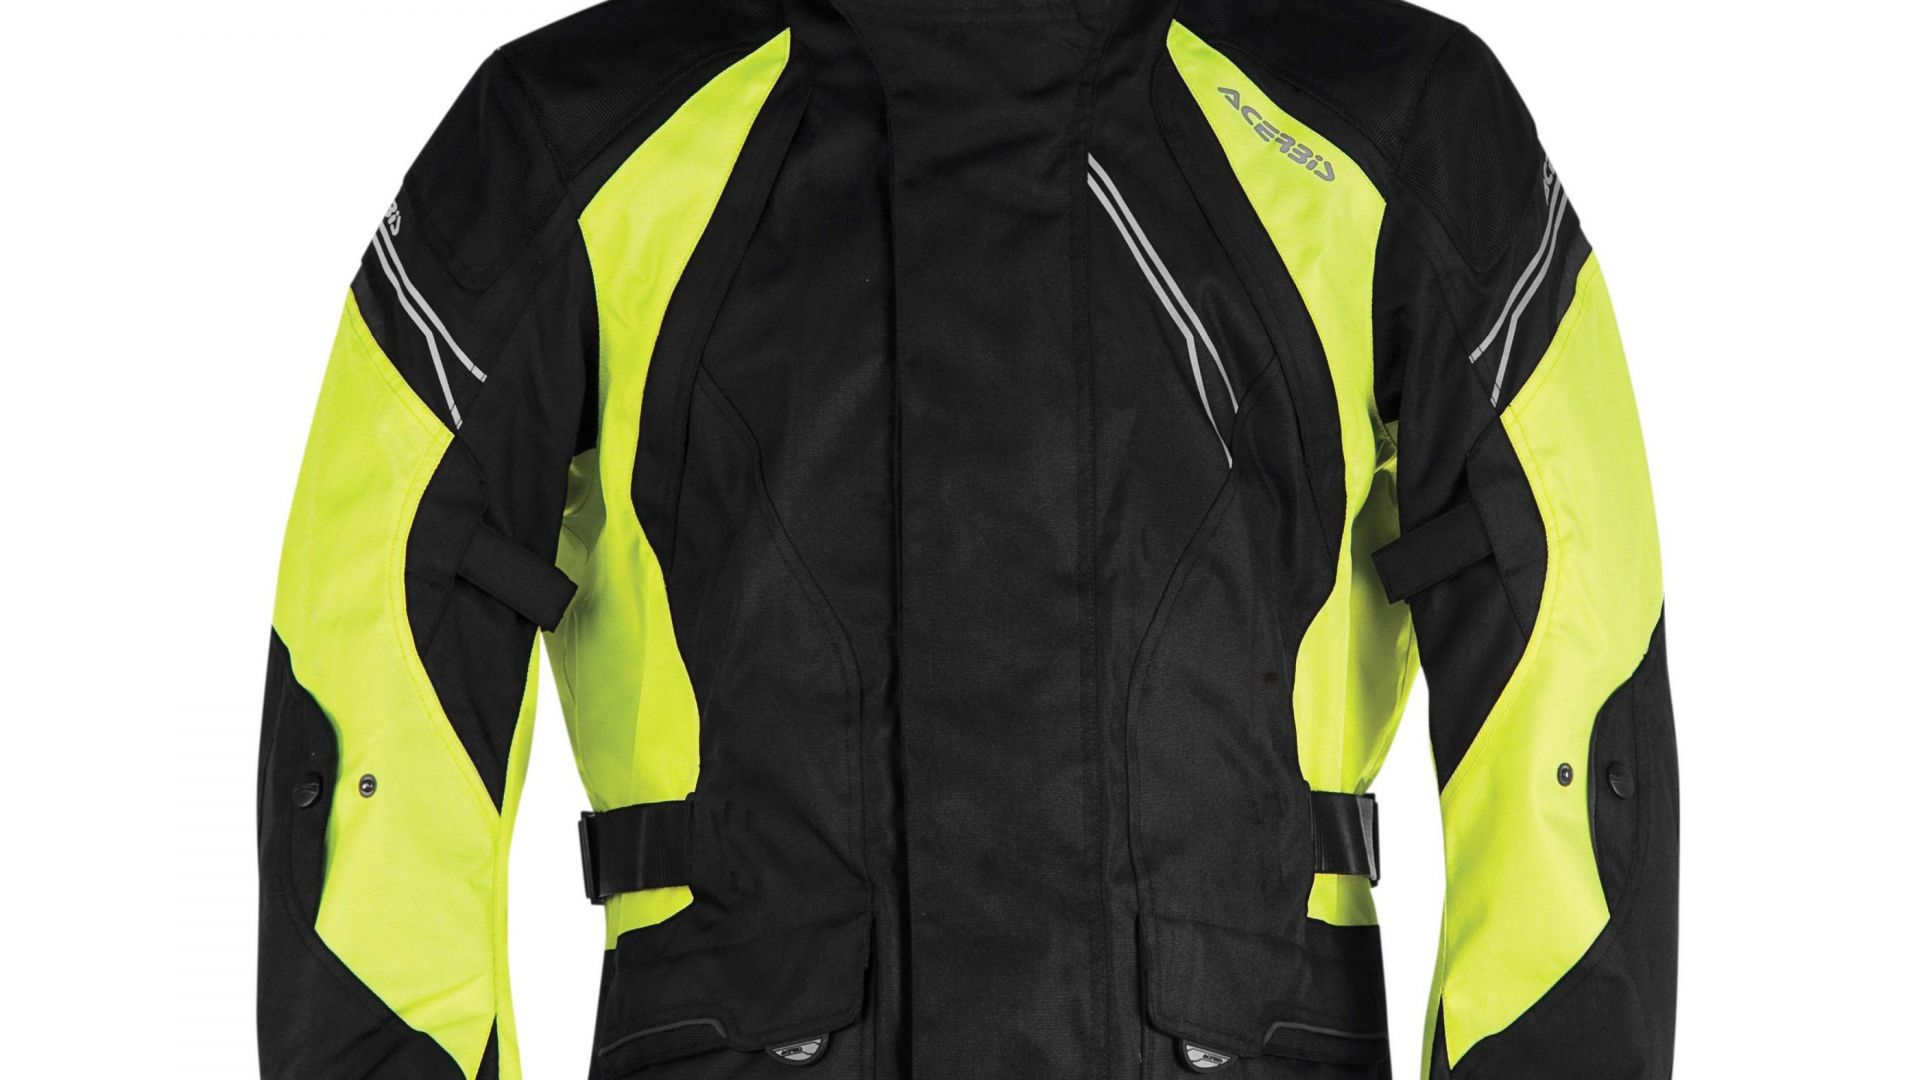 Motomania: Abbigliamento alta visibilità - MotorBox